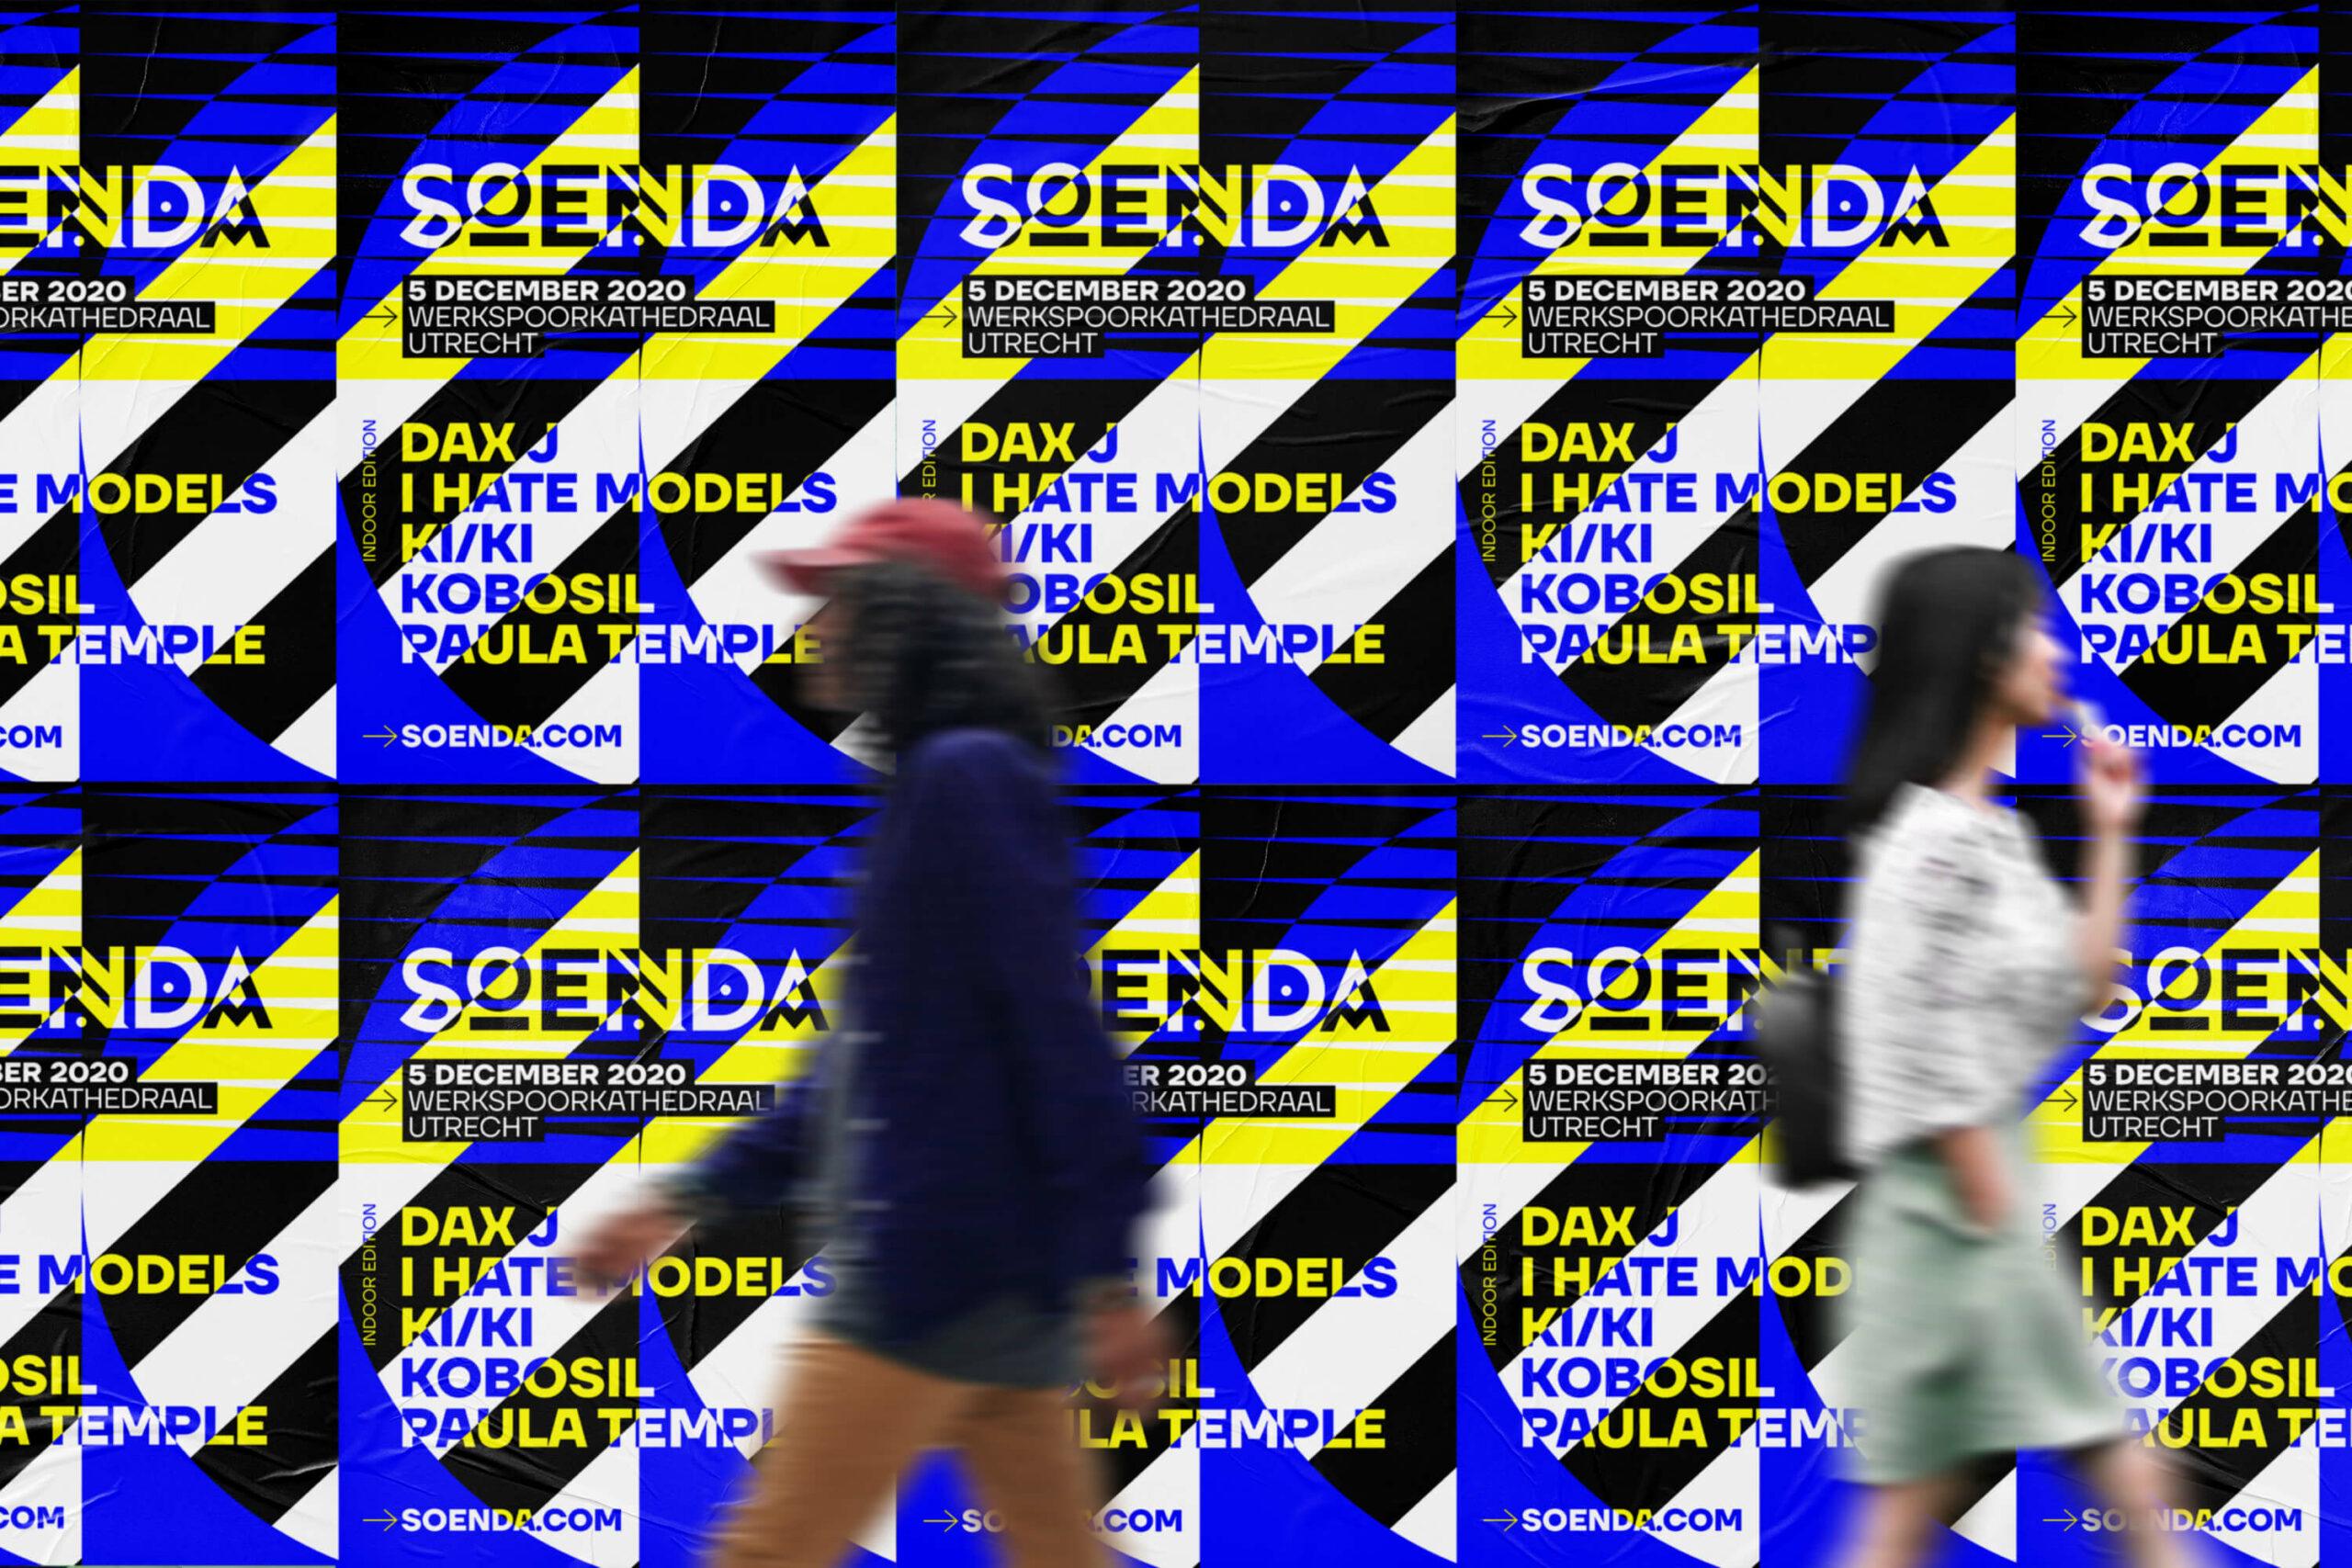 Soenda-Indoor-Poster2020